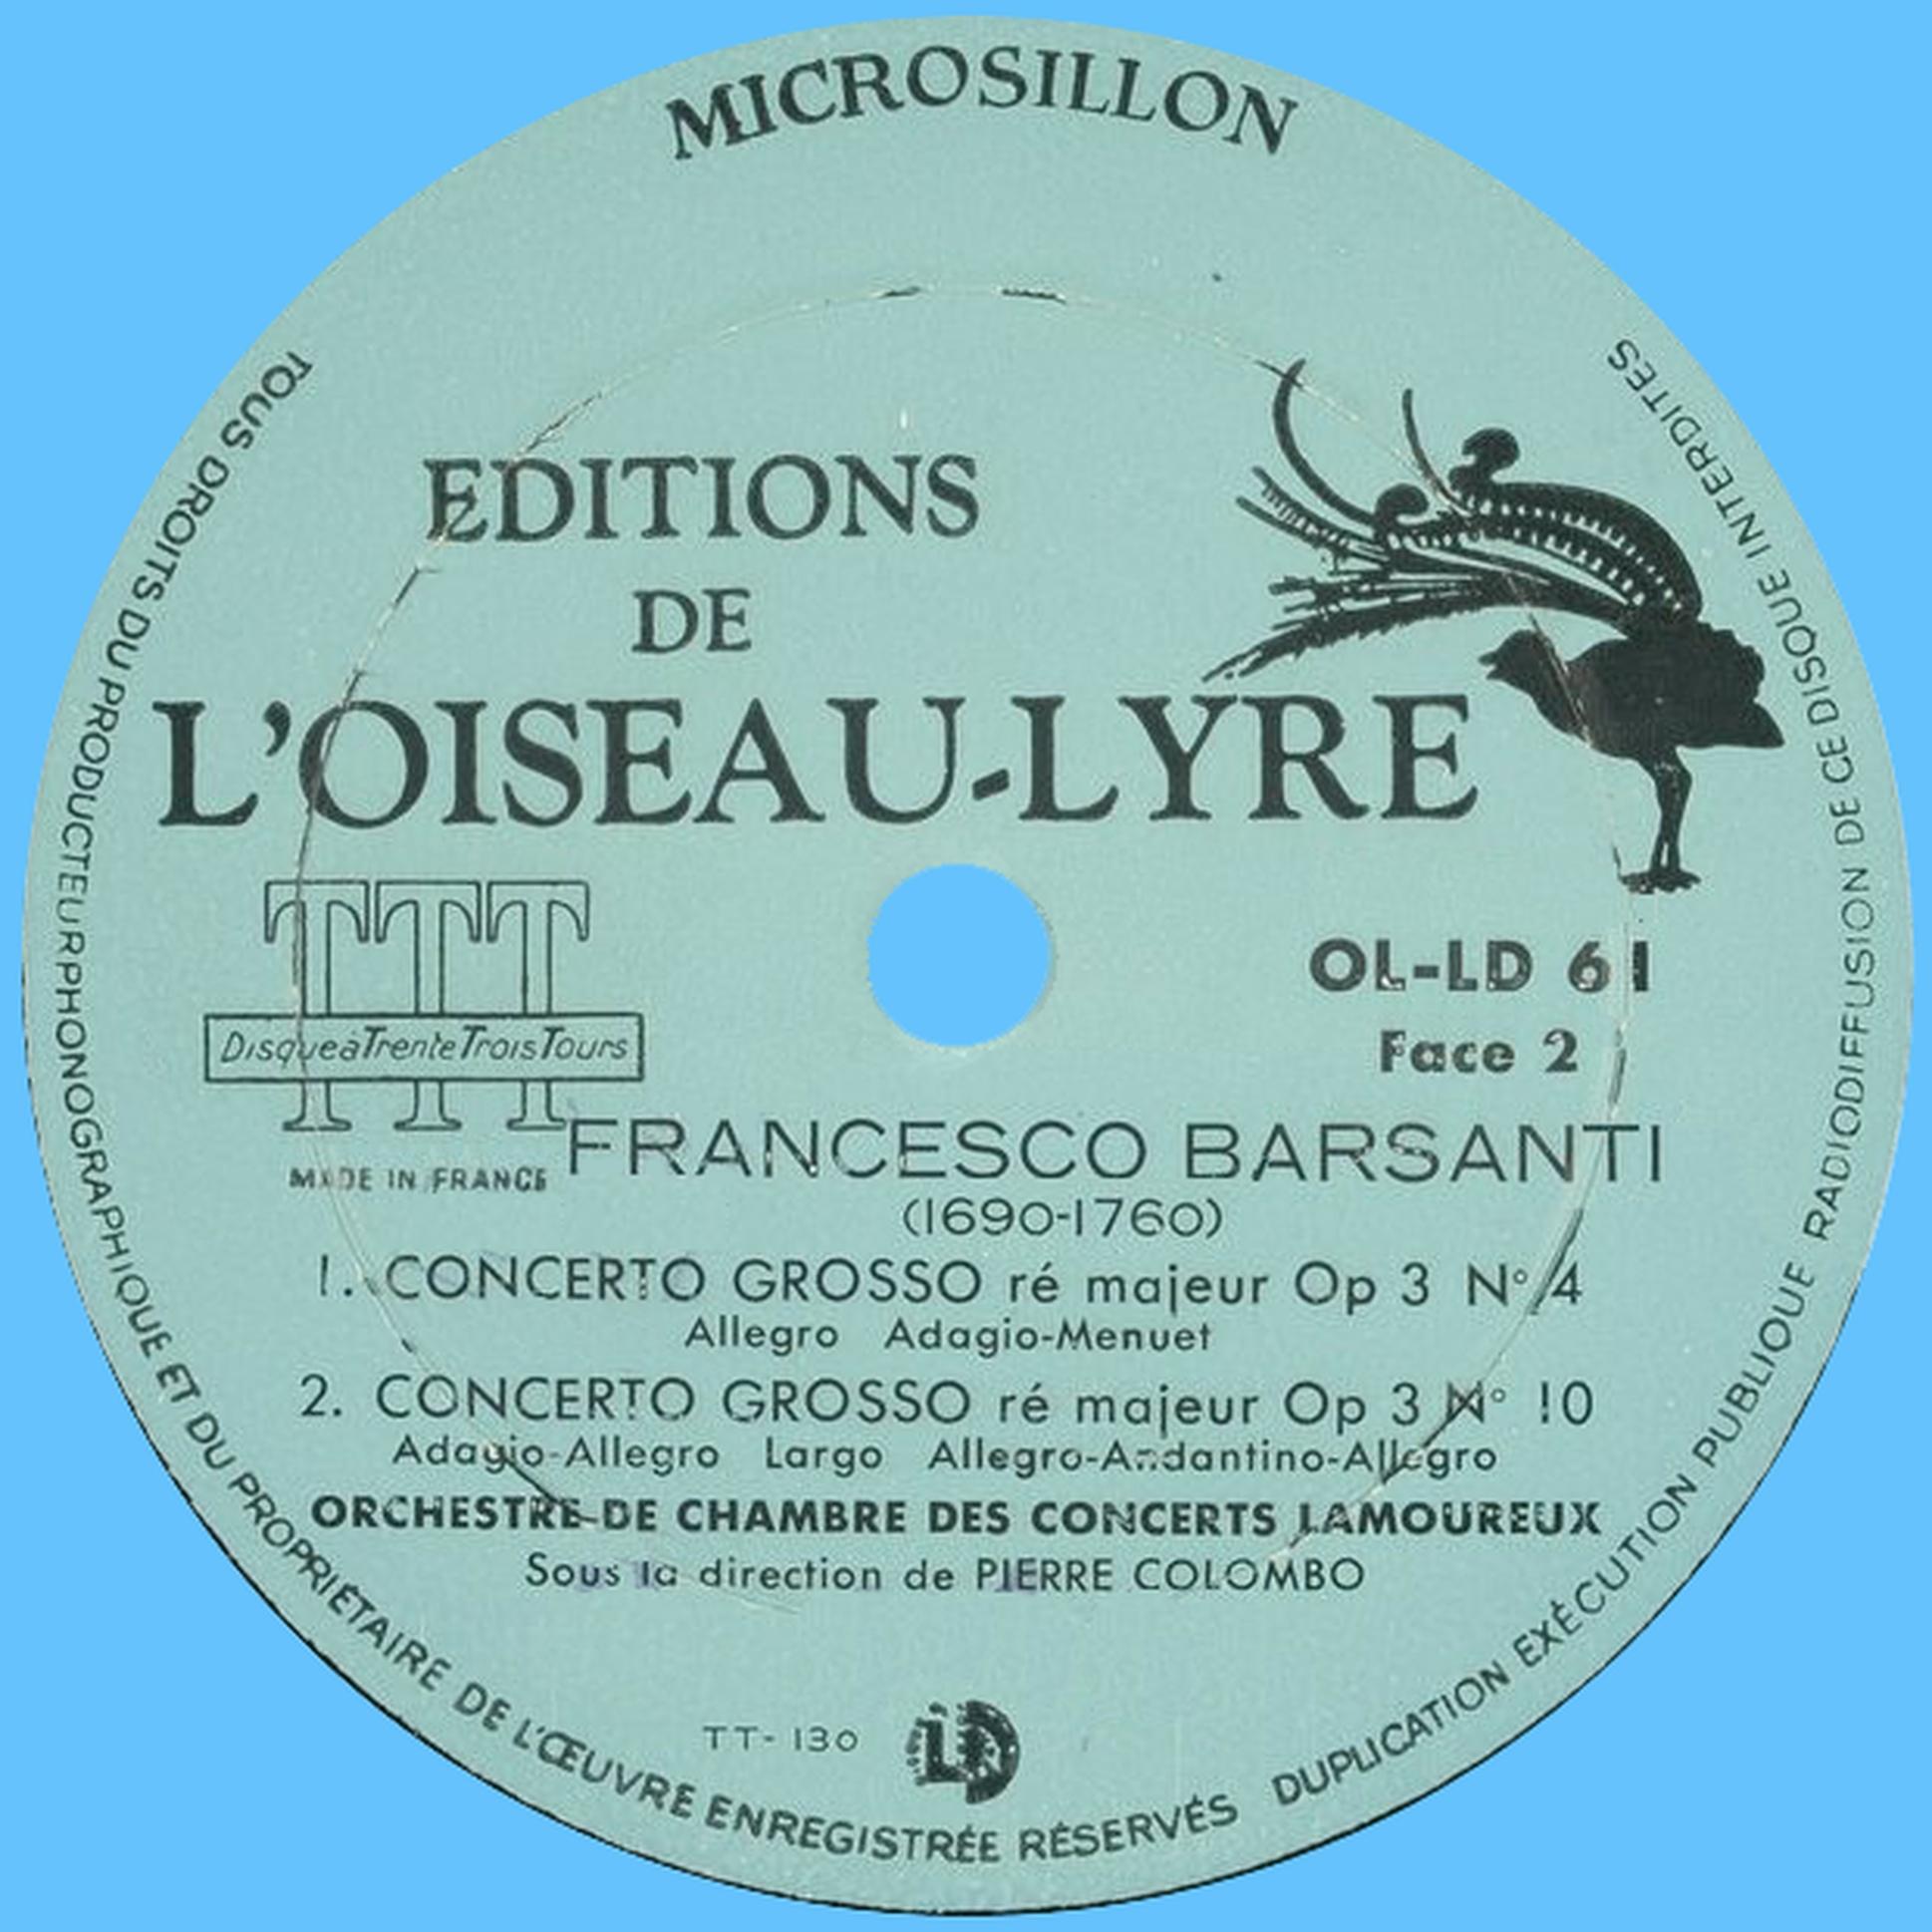 Étiquette verso du disque Oiseau-Lyre OL-LD-61